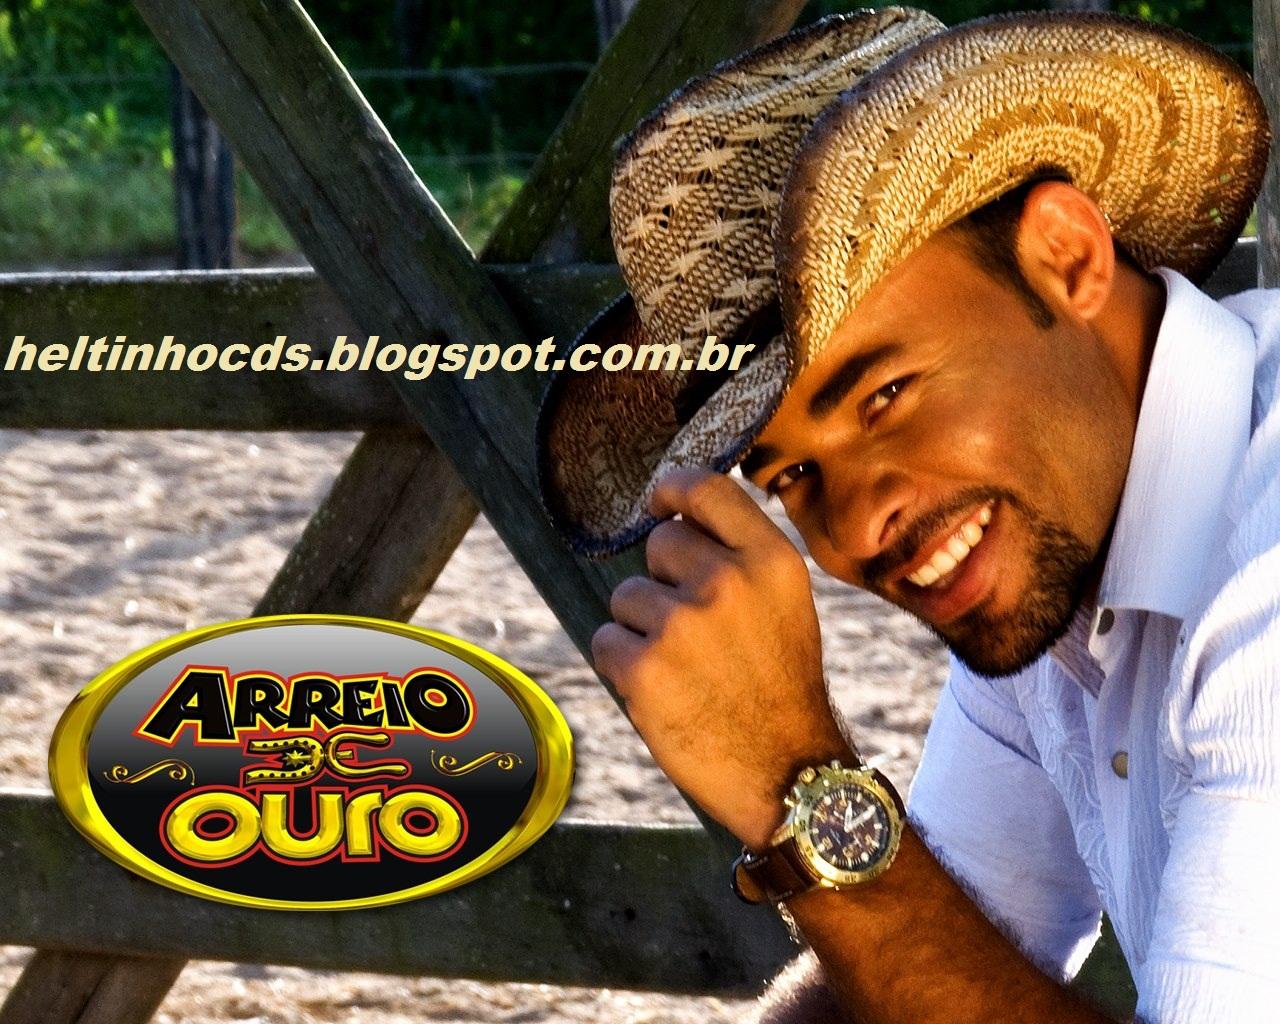 VAQUEJADA 2013 CANTA BAIXAR OURO ARREIO DE